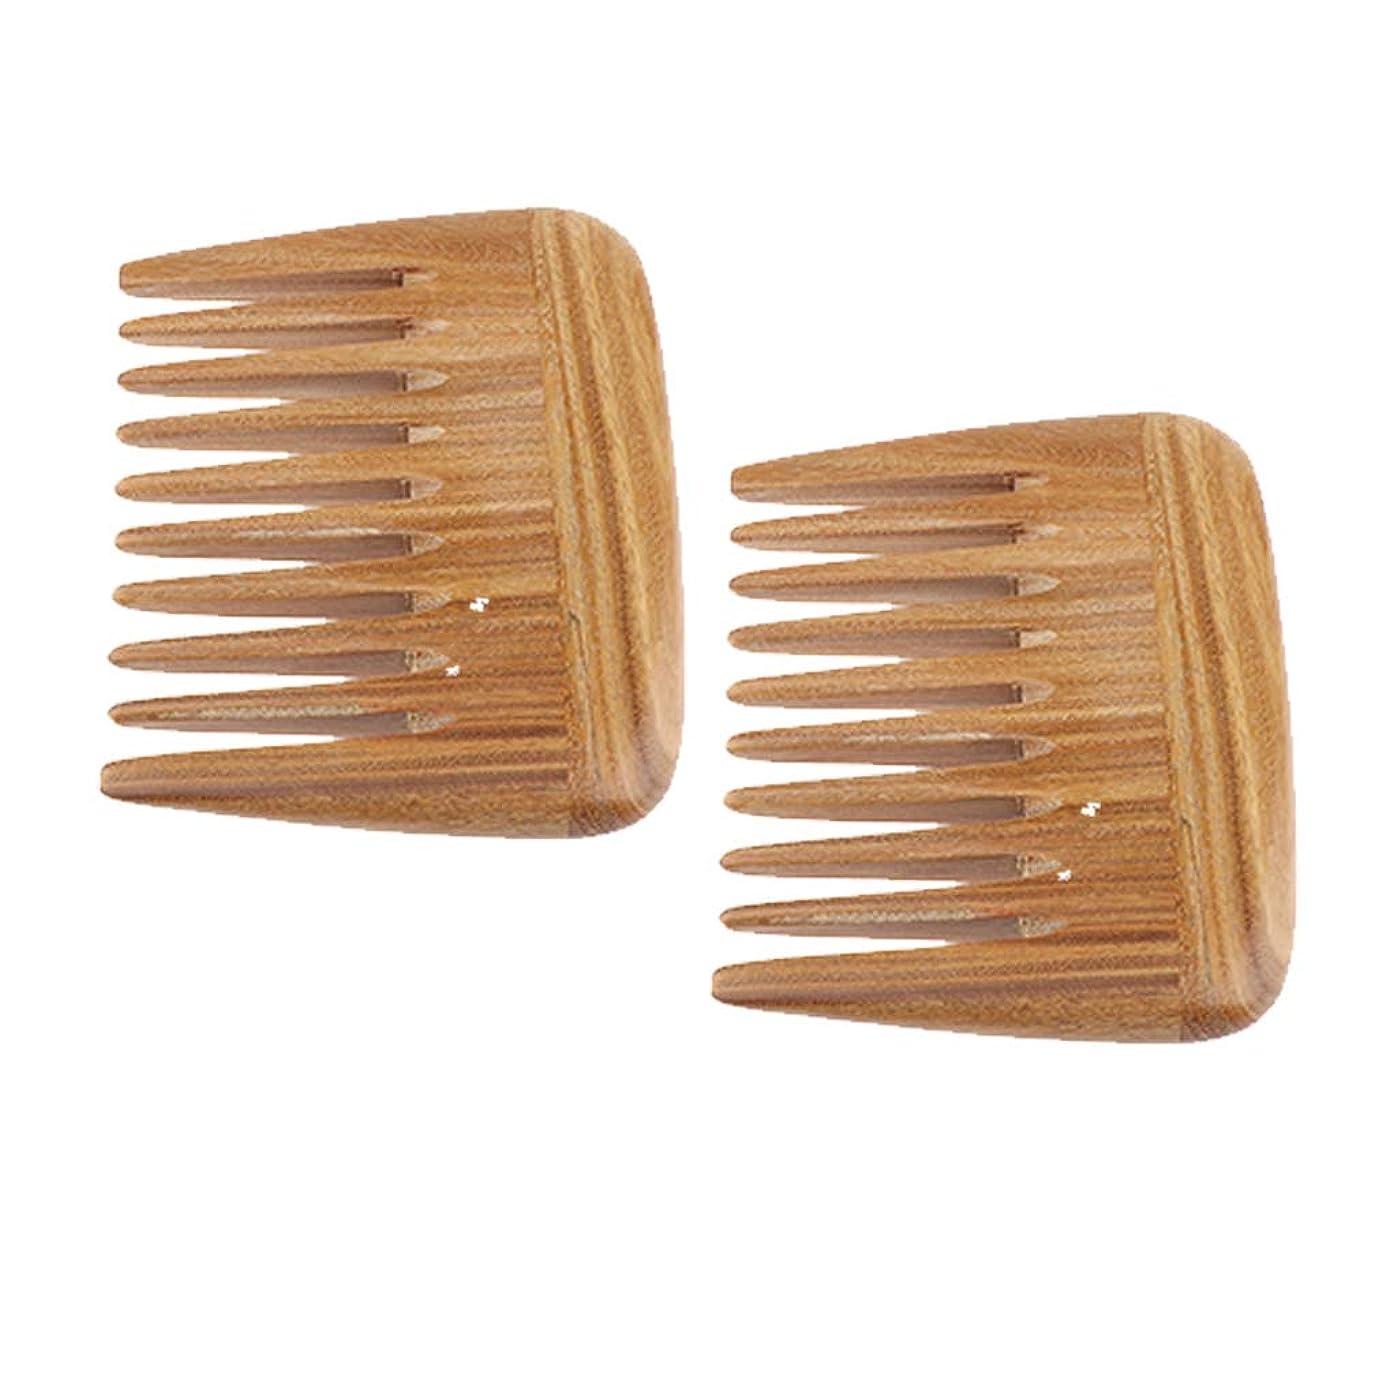 一族抵抗する休日にCUTICATE レトロポケットブラシ 静電気 防止天然マッサージ広い歯 髪の櫛 2個入り